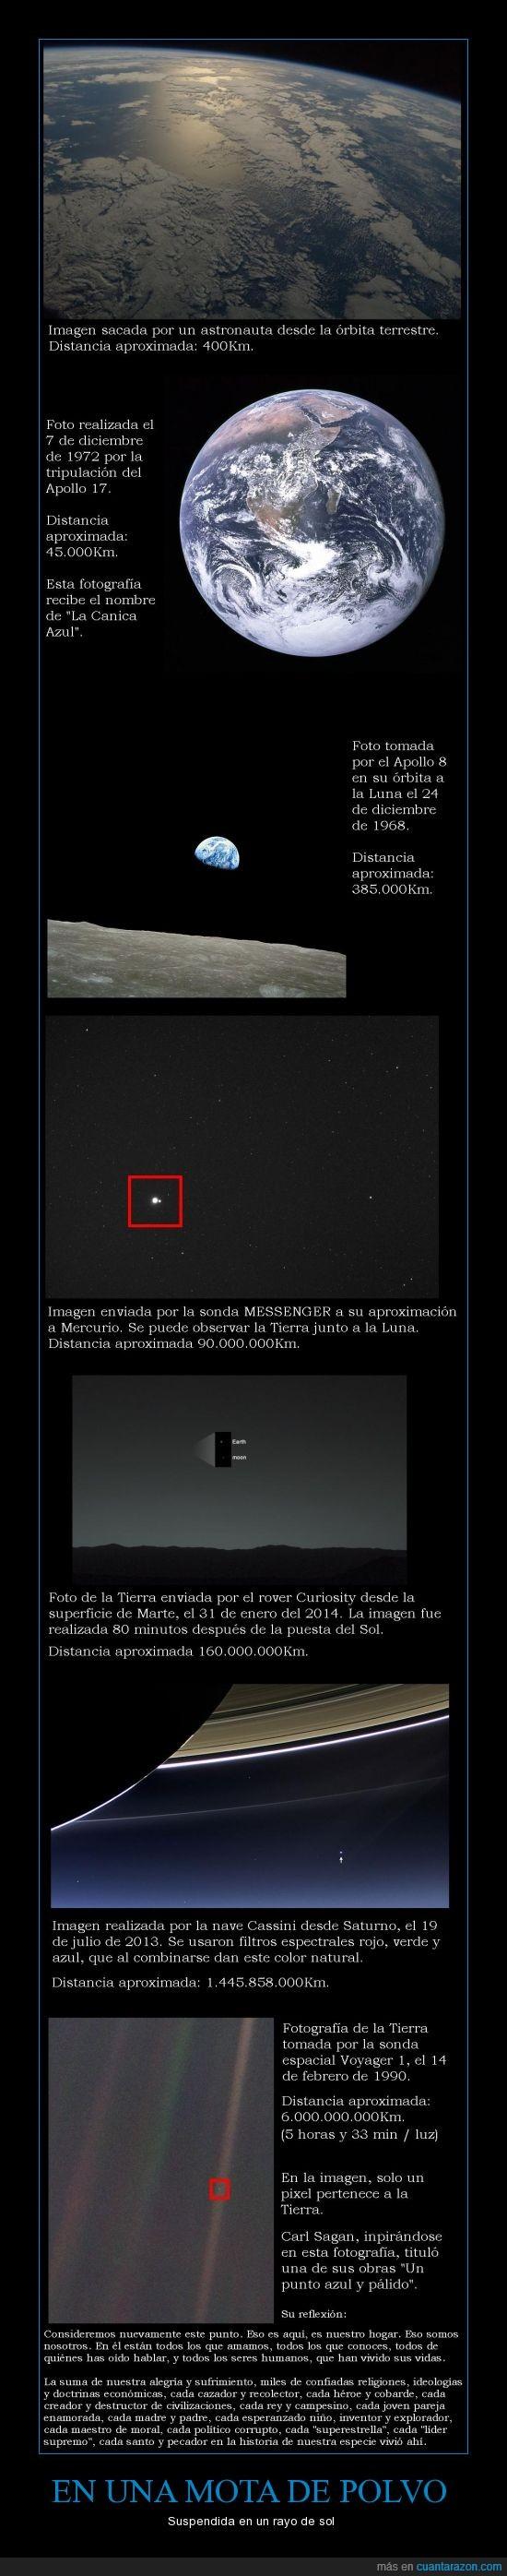 apollo,carl sagan,cassini,cosmos,curiosity,distancia aproximada,luna,marte,mercurio,messenger,planeta,punto azul y pálido,saturno,tierra,universo,voyager,¿qué pixel es la tierra?